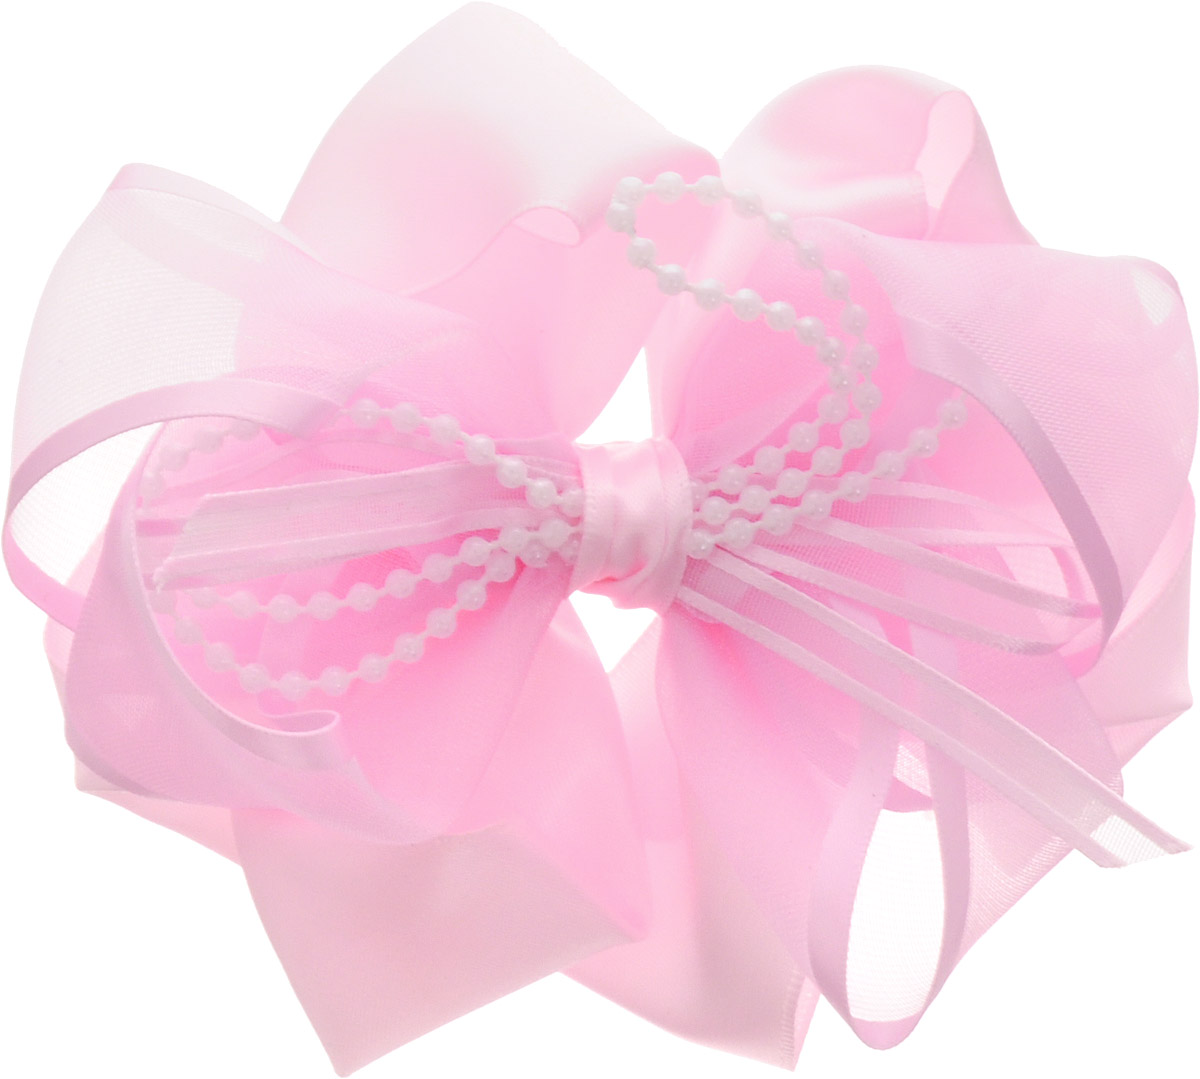 Babys Joy Бант для волос цвет розовый с бусинами MN 203MP59.4DБант для волос на резинке Babys Joy позволит не только убрать непослушные волосы с лица, но и придать образу романтичности и очарования. Такая резинка для волос подчеркнет уникальность вашей маленькой модницы и станет прекрасным дополнением к ее неповторимому стилю.